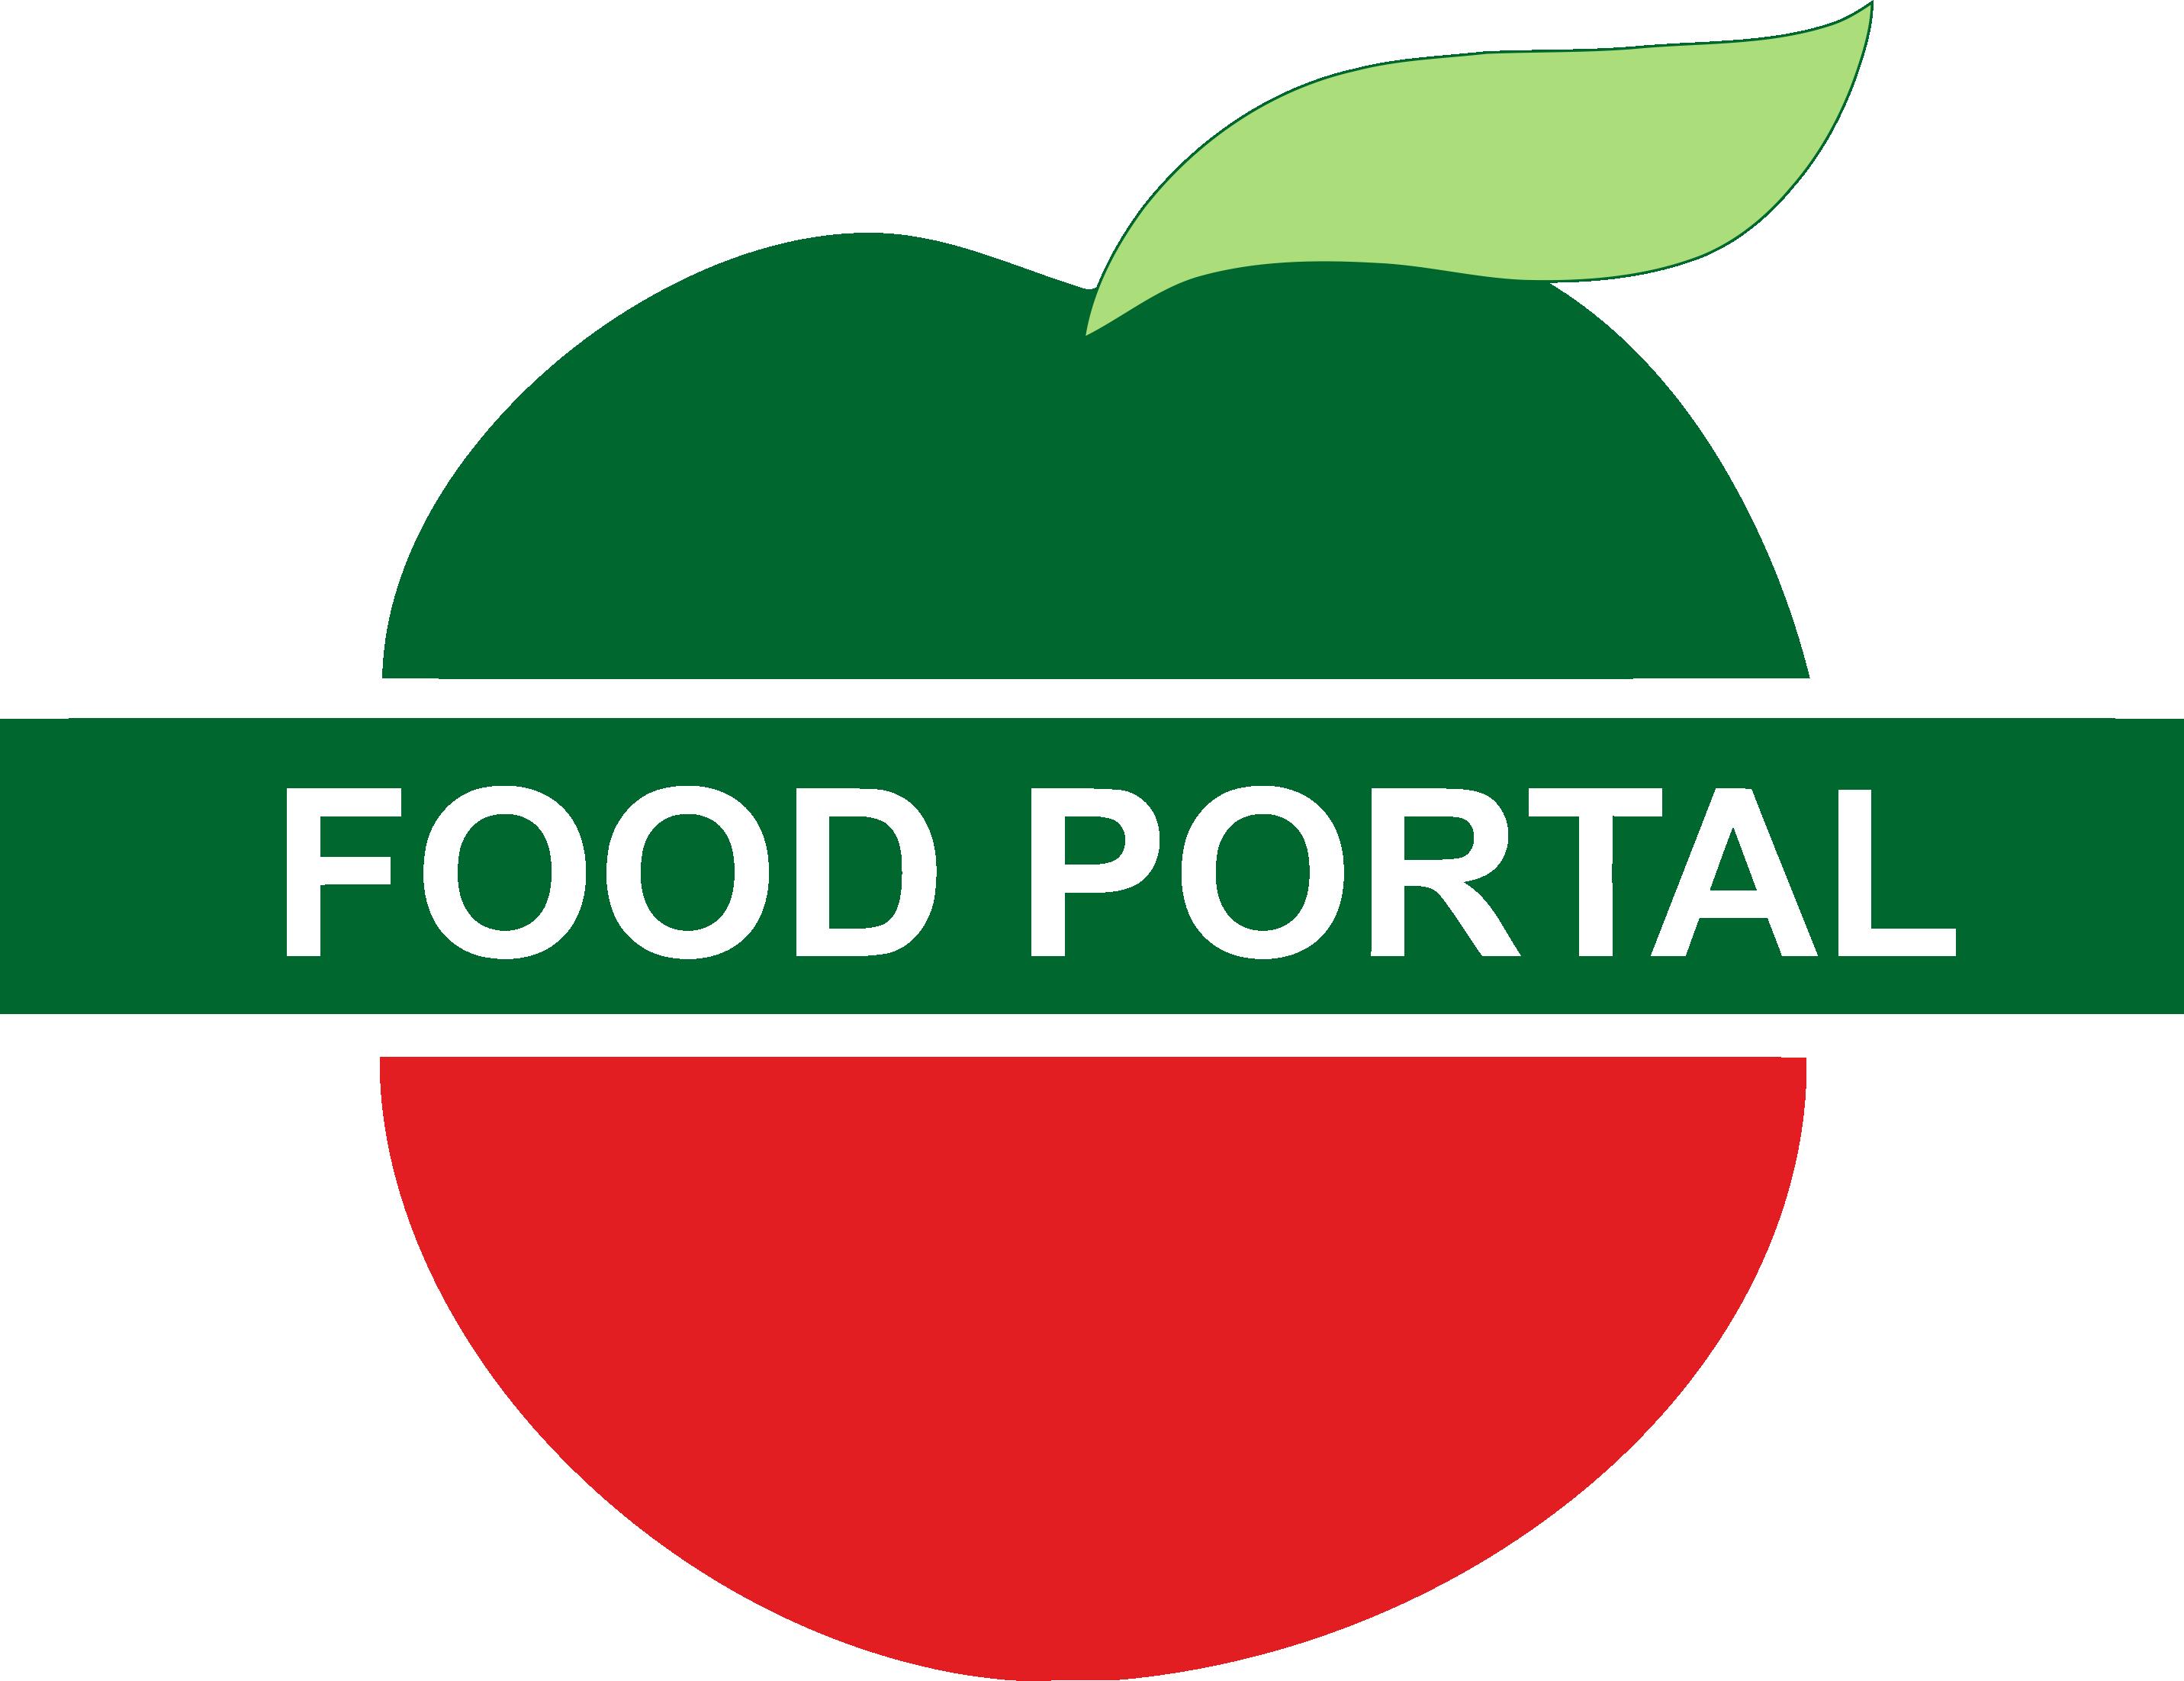 Хранителен портал | Foodportal®